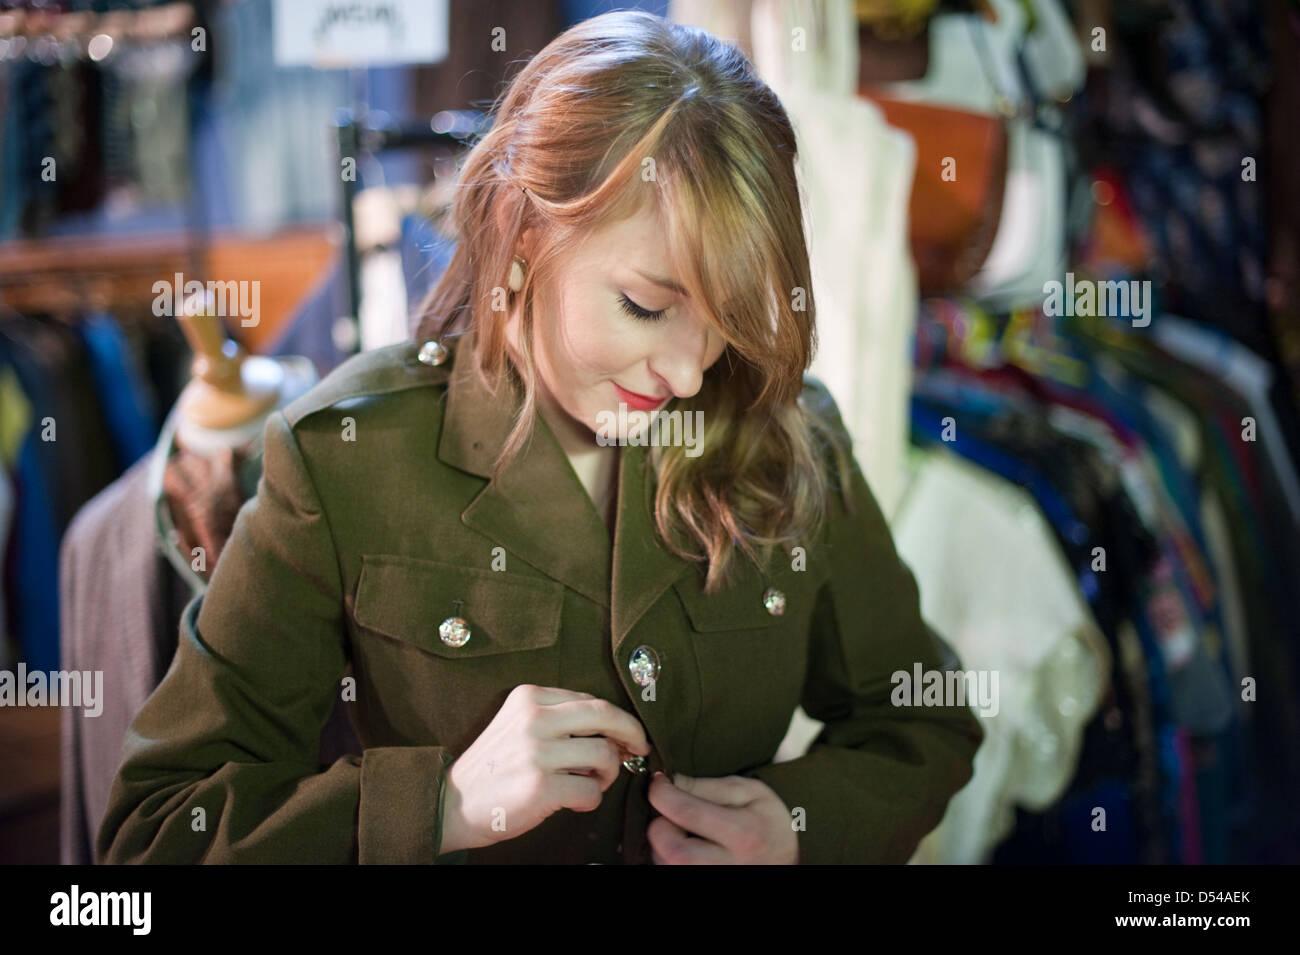 save off d97cc 99f76 Vintage Kleidung Zu Kaufen Stockfotos & Vintage Kleidung Zu ...